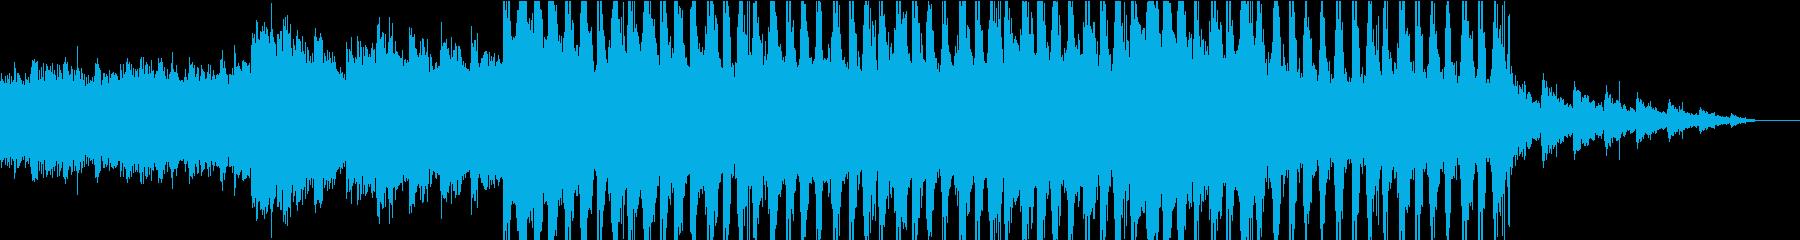 神秘的で怪しげなアンビエントの再生済みの波形